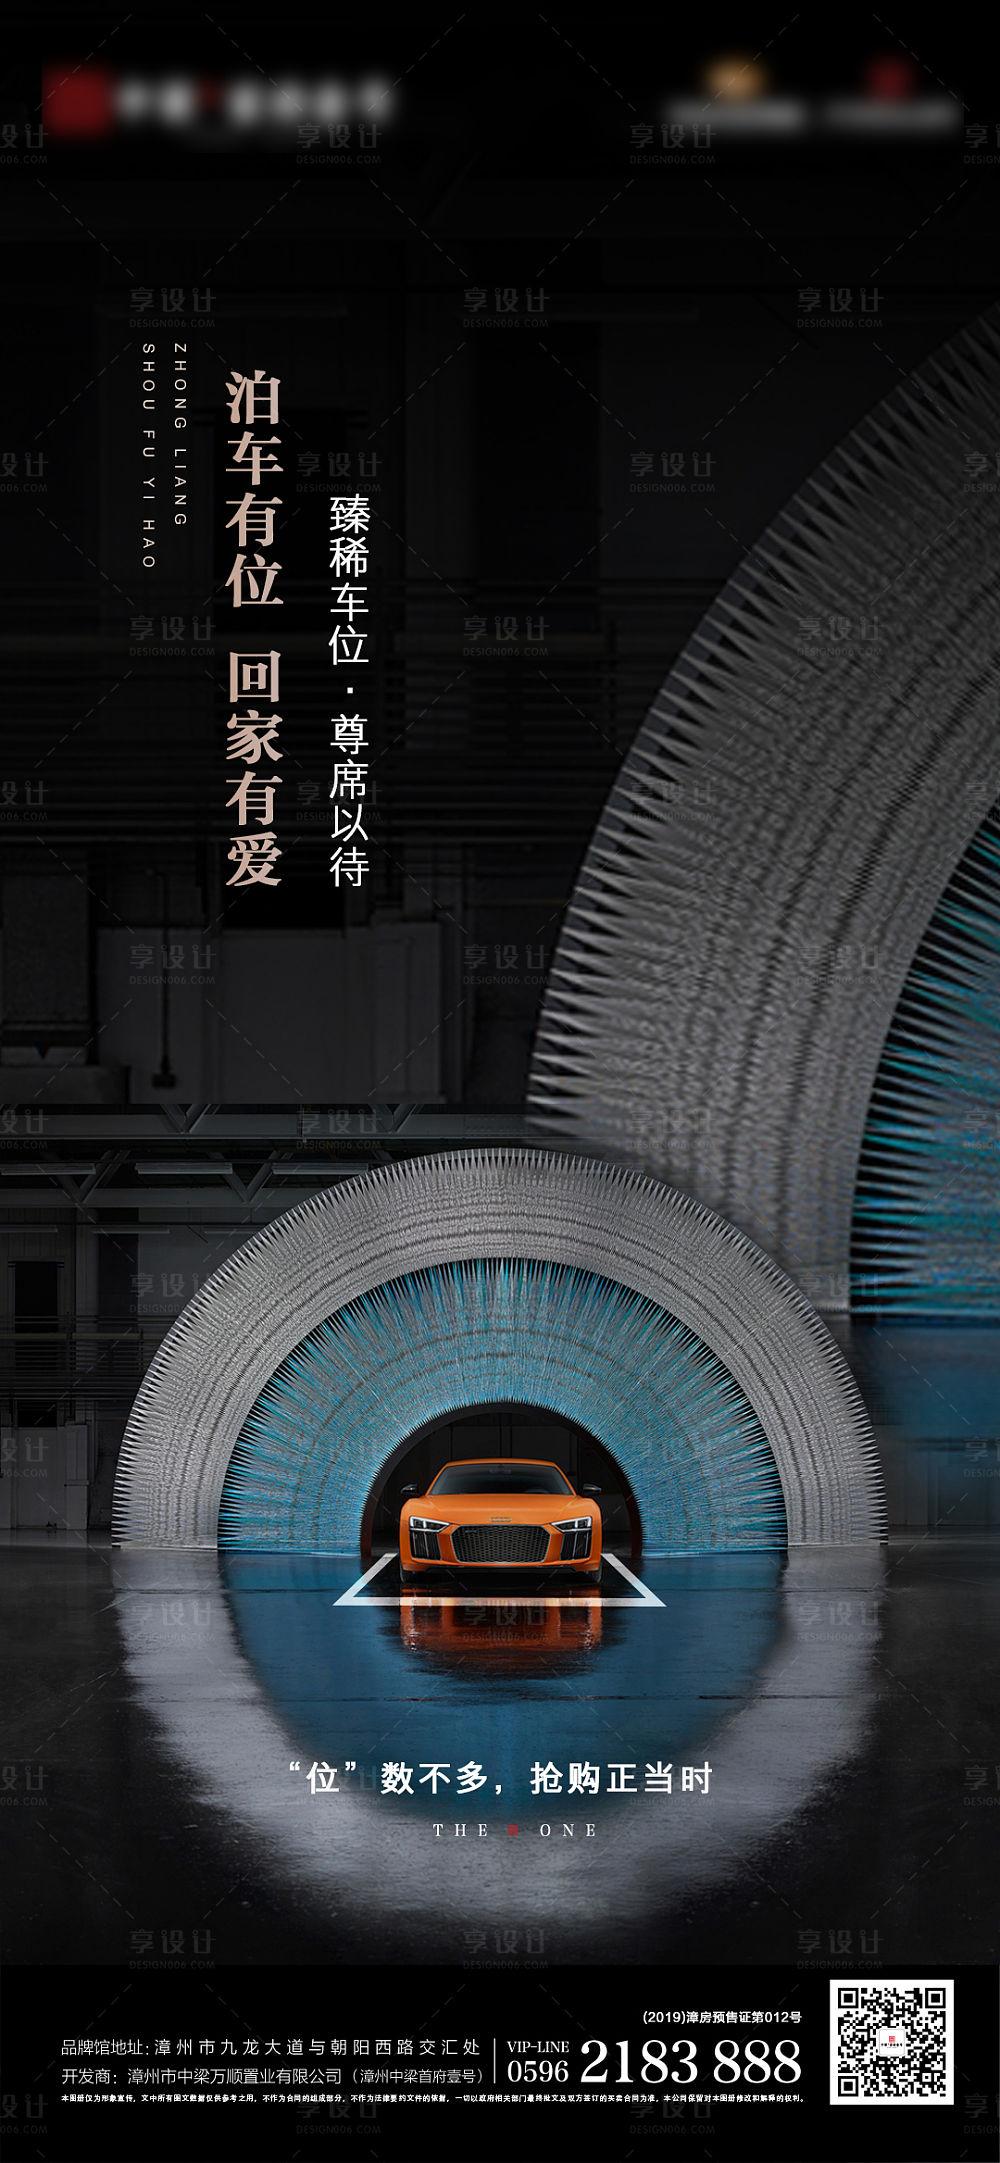 【源文件下载】 海报 房地产 车位 汽车 创意设计作品 设计图集